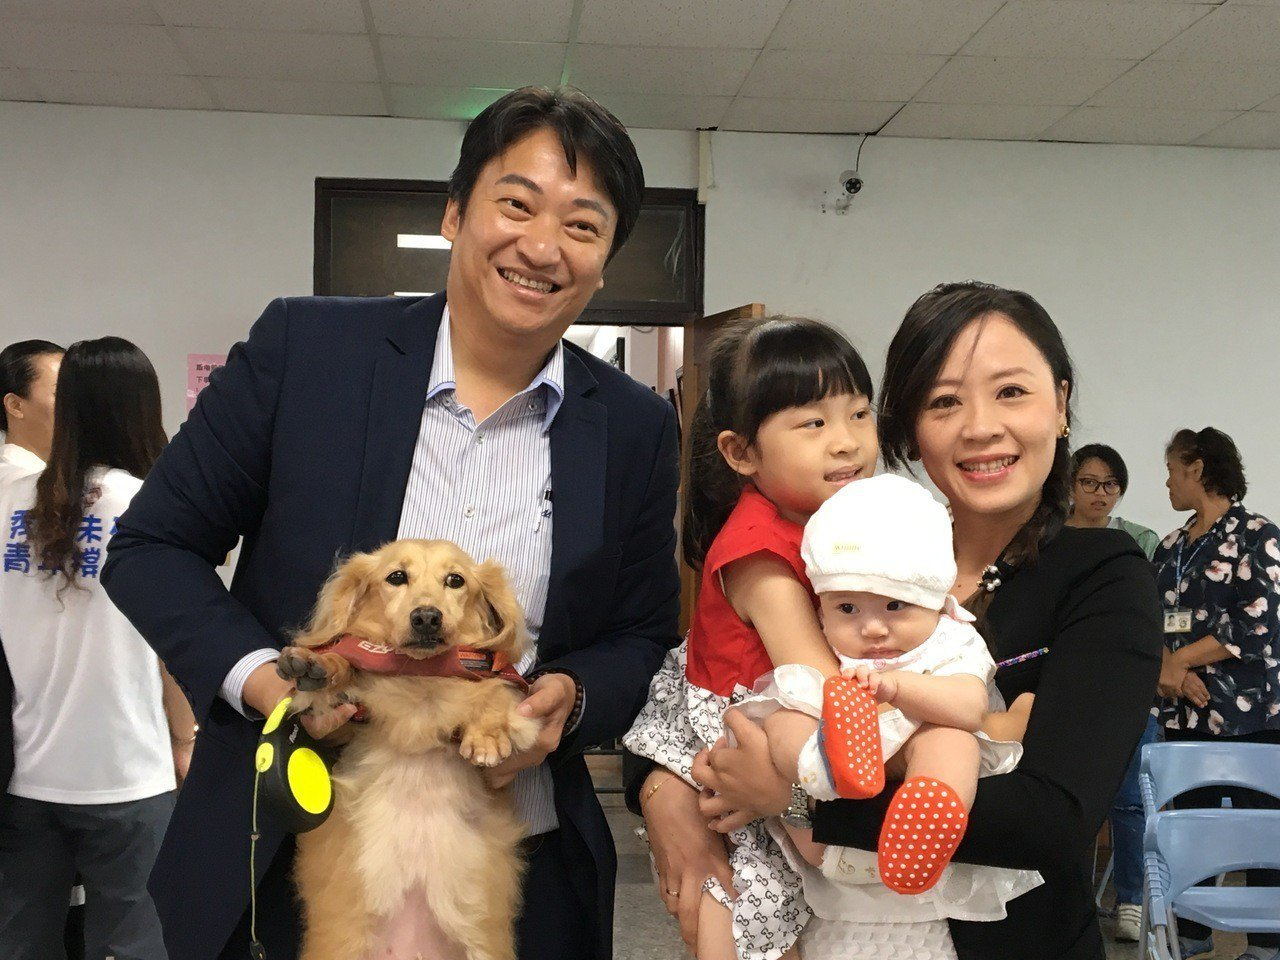 2年前的市長補選,魏嘉賢牽著妻女及愛犬低調完成參選登記,今天魏嘉賢依然在帶著妻女...